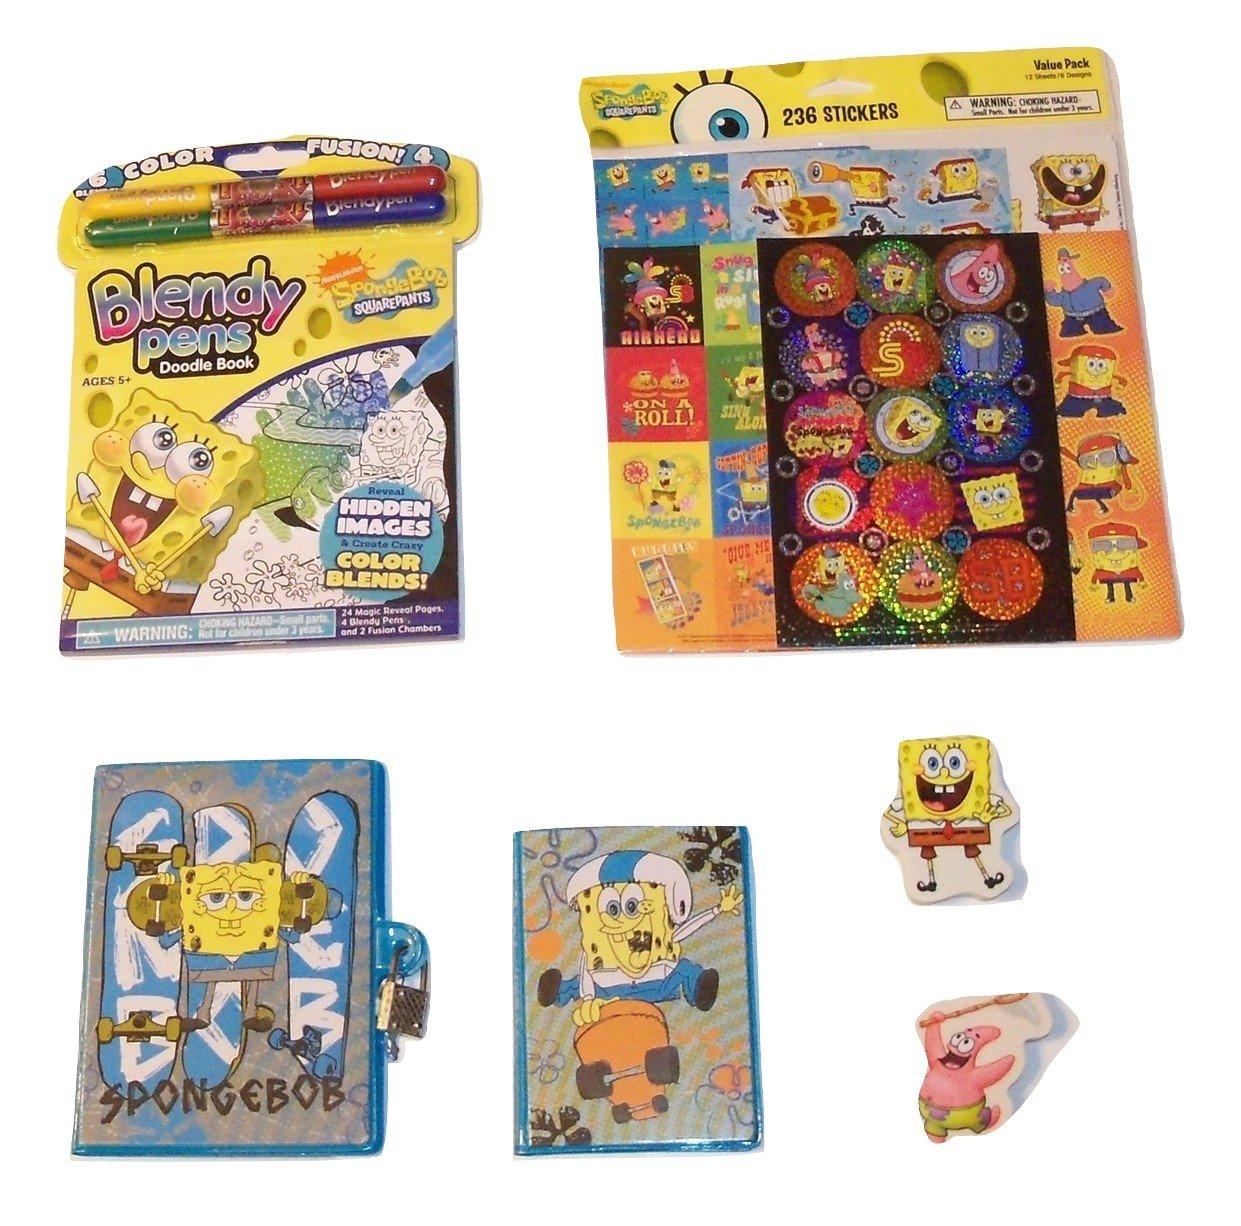 スポンジボブアクティビティGiftセット~ Bubble Buddies日記( withアドレスBook , Spongebob and Patrick Shaped Erasers、Blendy Pens , 236ステッカー; 4 Items、1バンドル)   B0773TZ72D